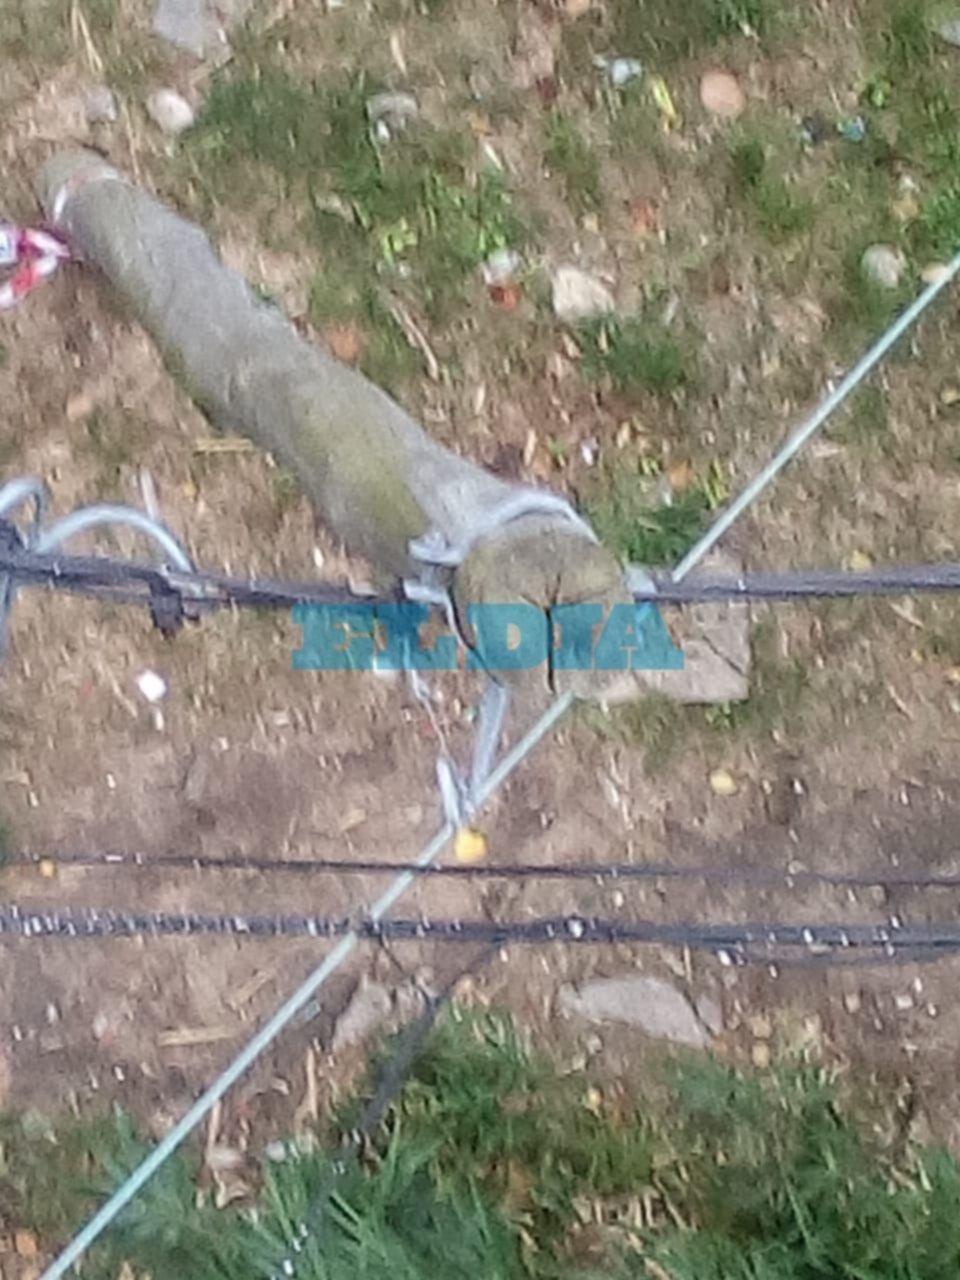 Preocupación en El Mondongo por un poste de luz que está a punto de venirse a pique